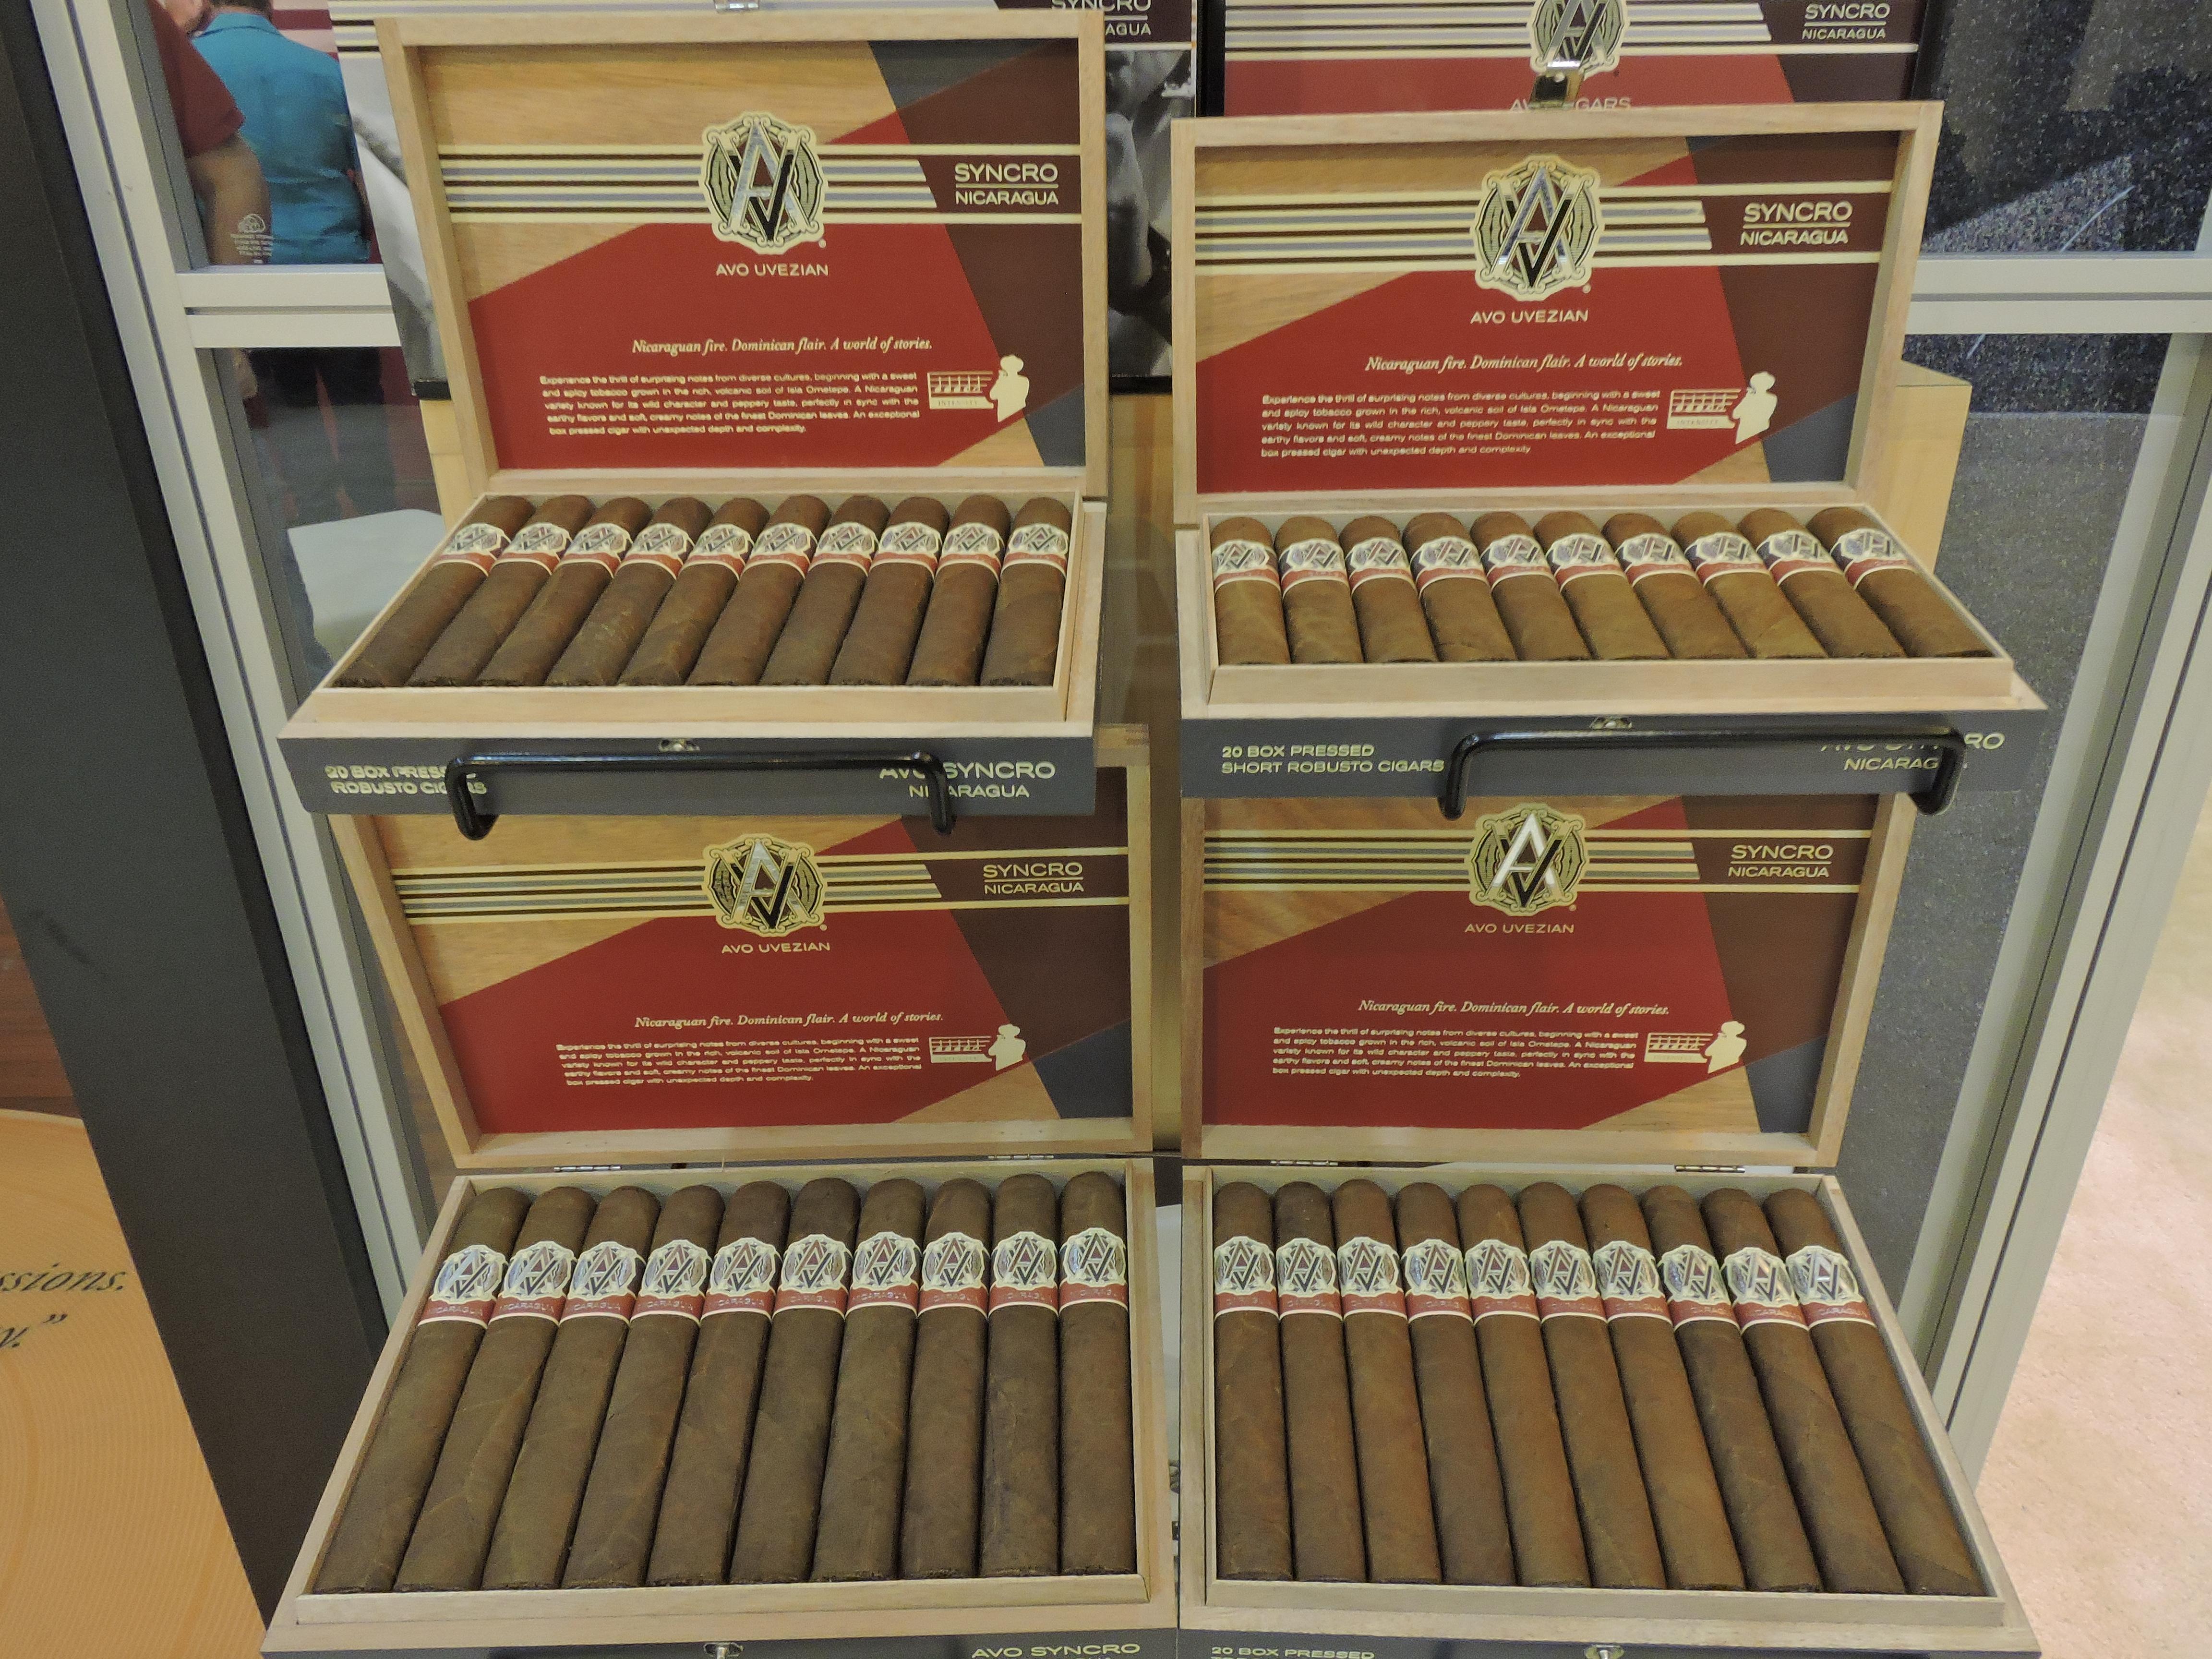 Avo_Syncro_Nicaragua_Boxes